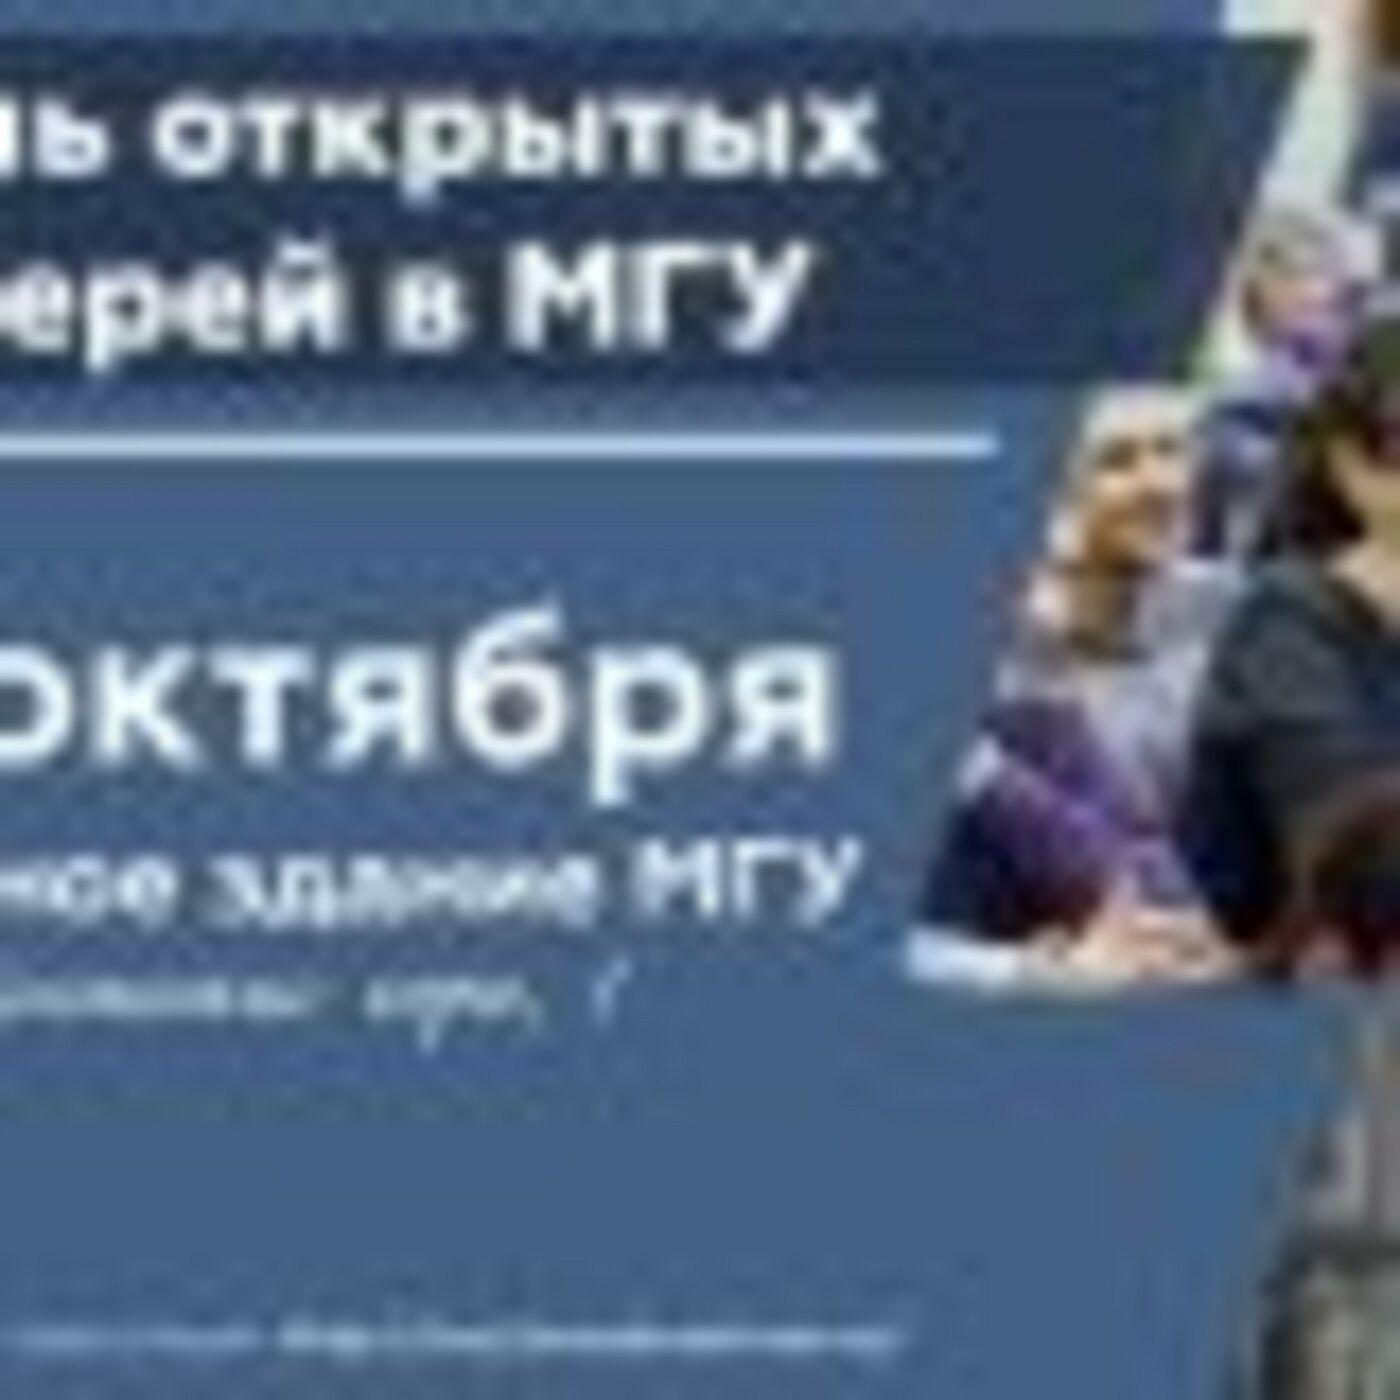 День открытых дверей в МГУ им. Ломоносова 8 октября 2017 года